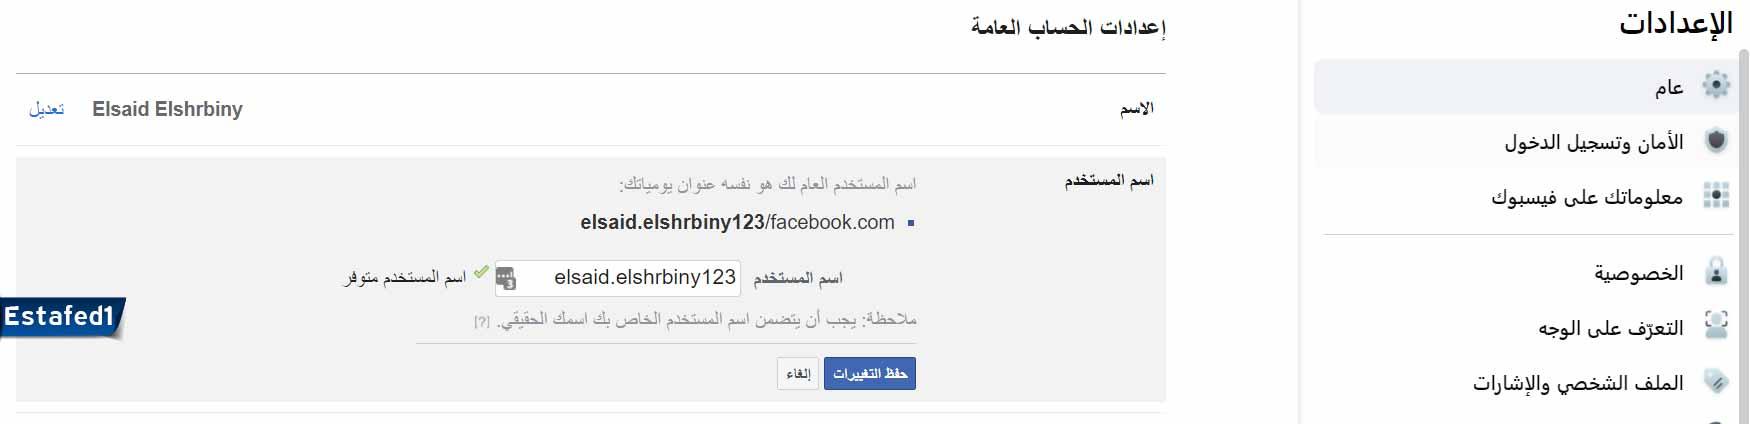 تغيير اسم المستخدم علي فيس بوك للكمبيوتر.jpg username